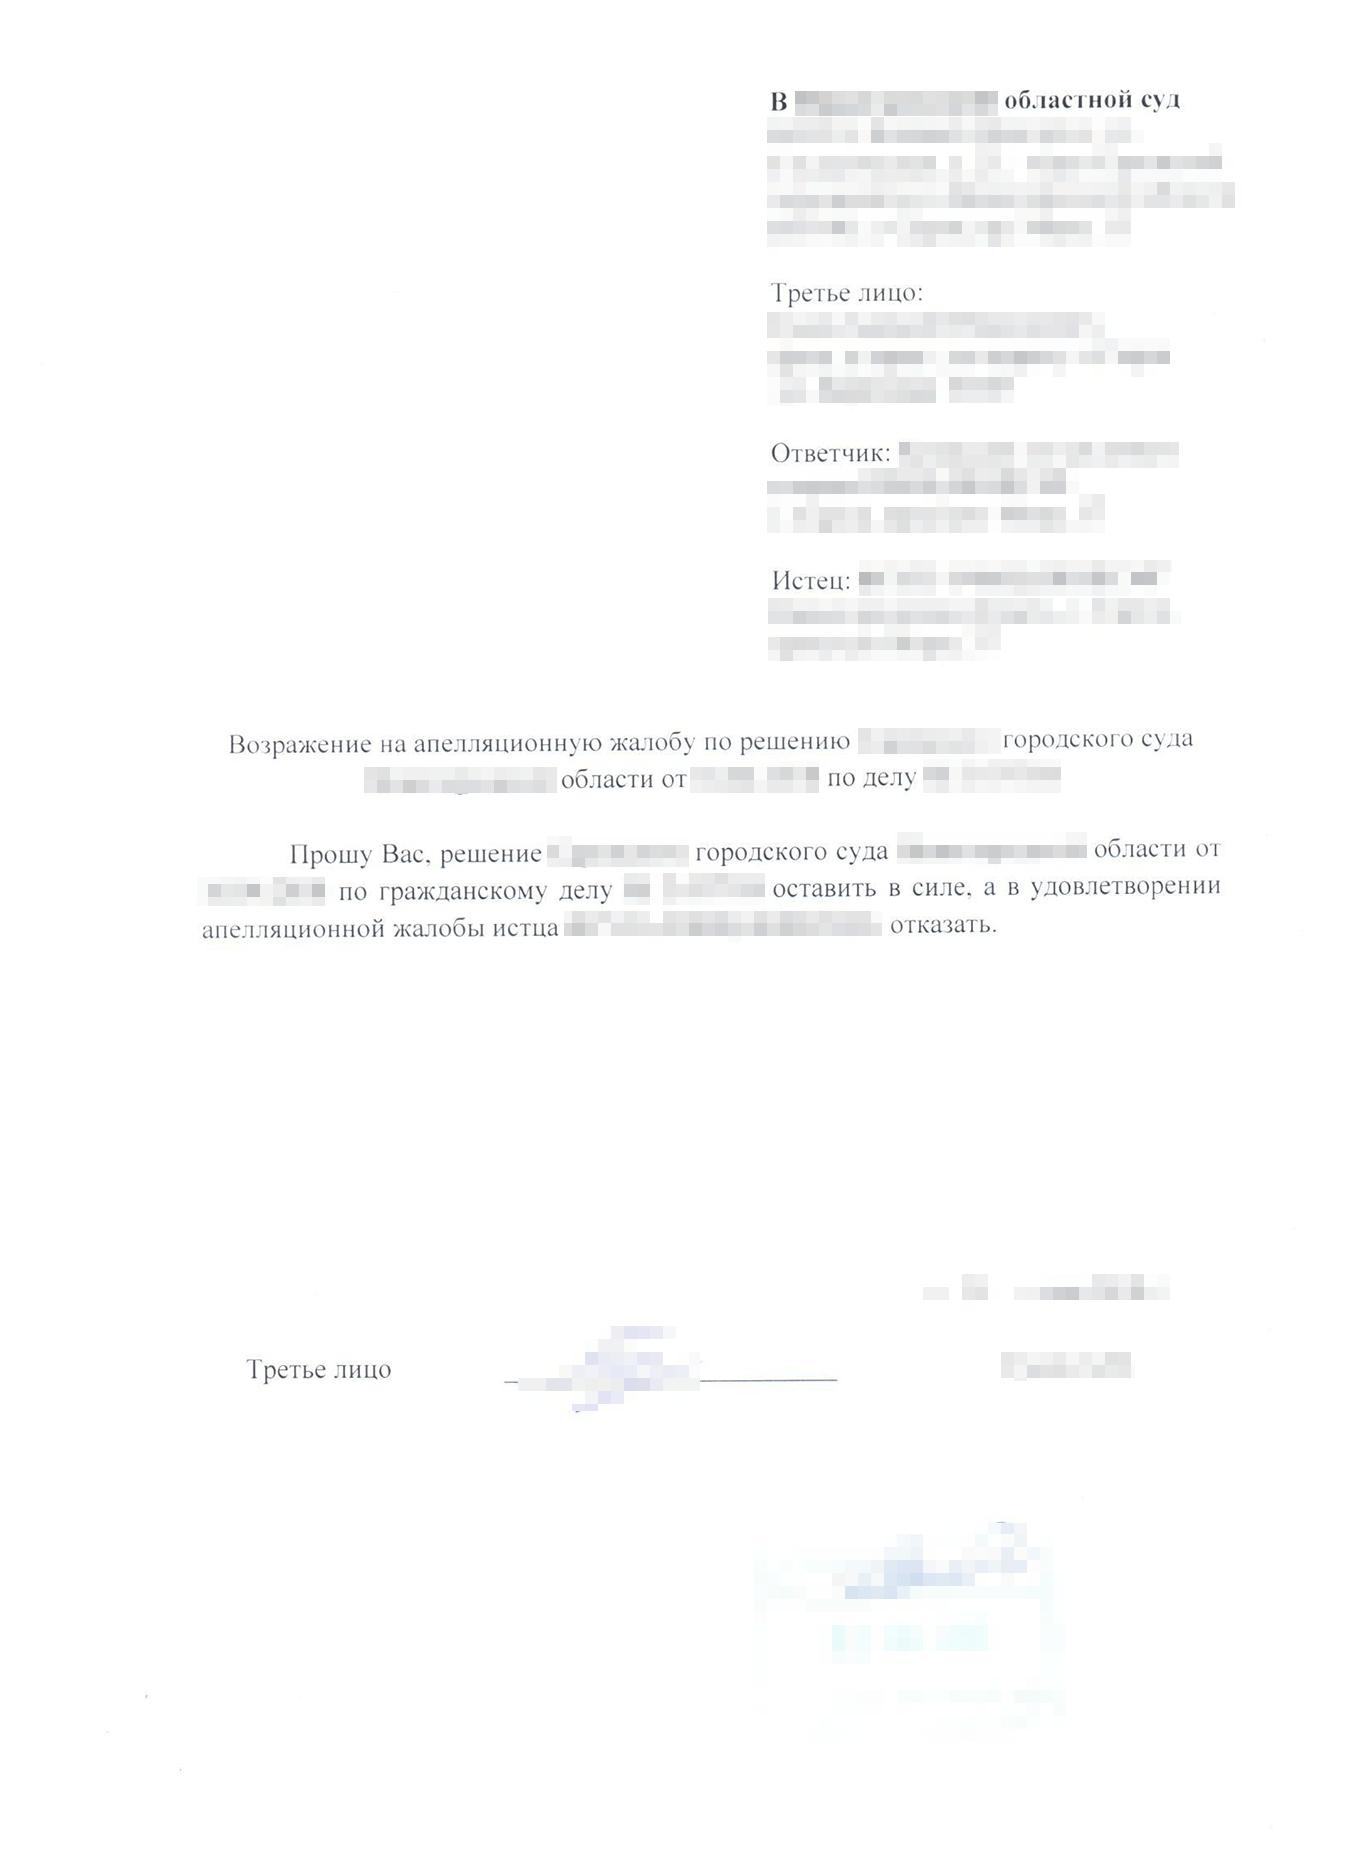 Мои возражения на апелляционную жалобу работодателя